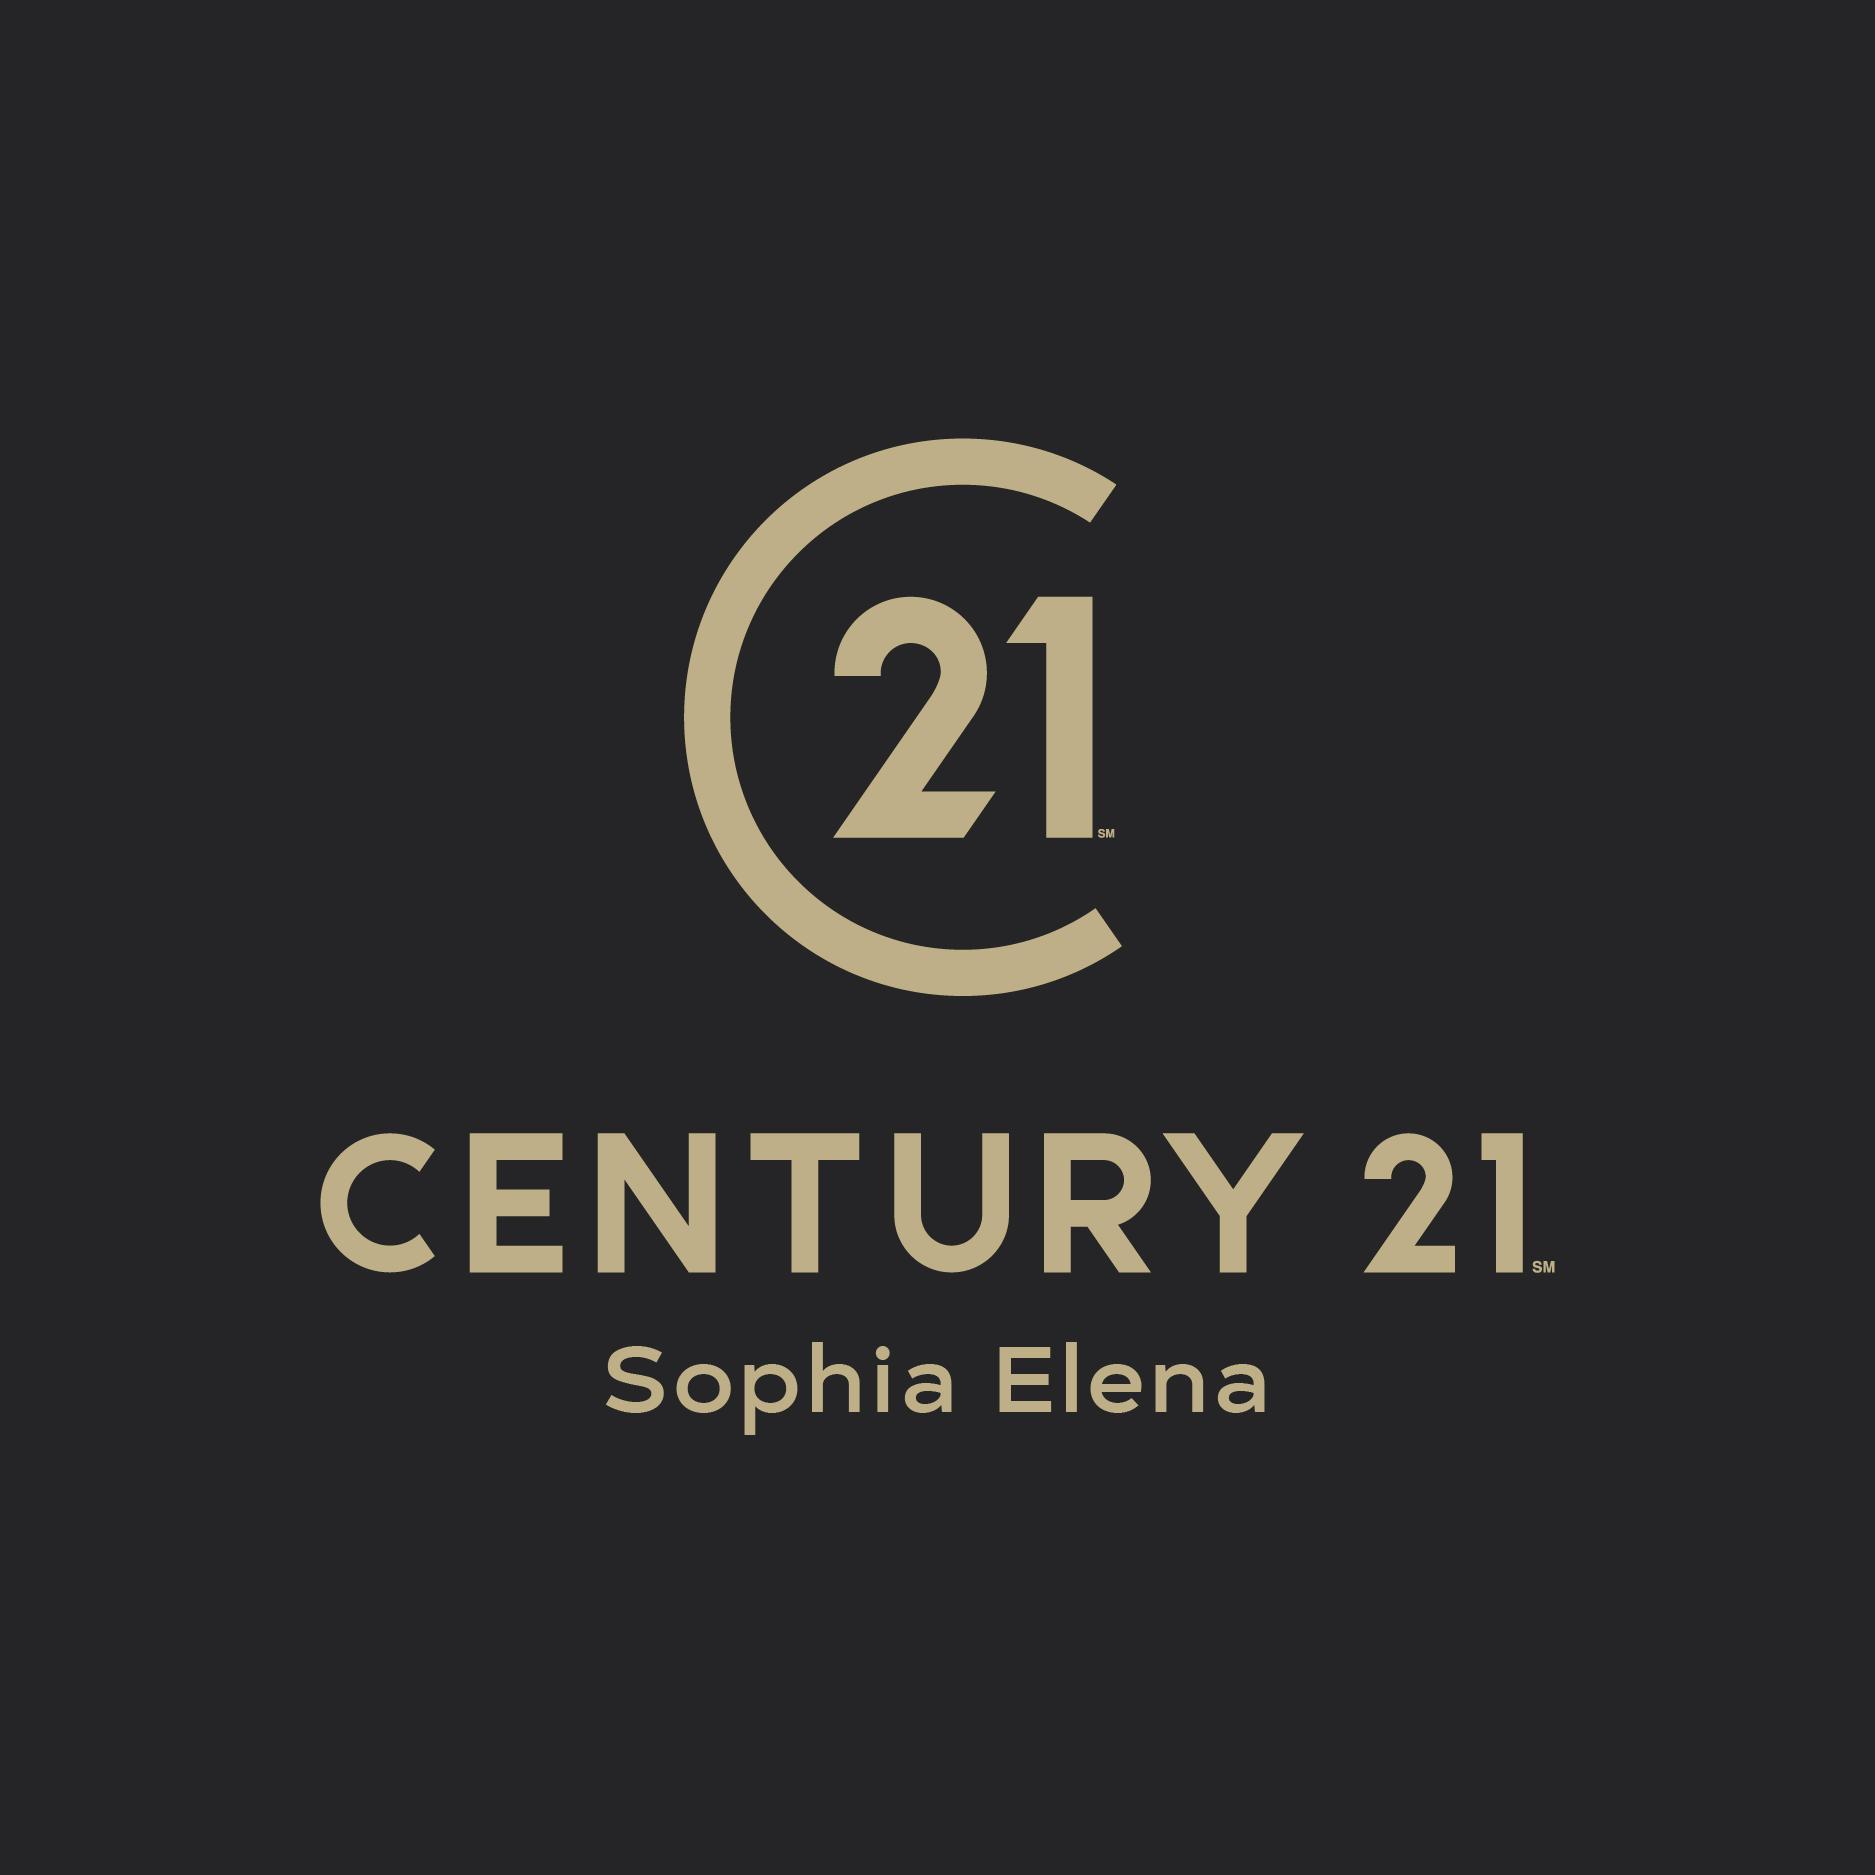 Century 21 - Sophia Elena